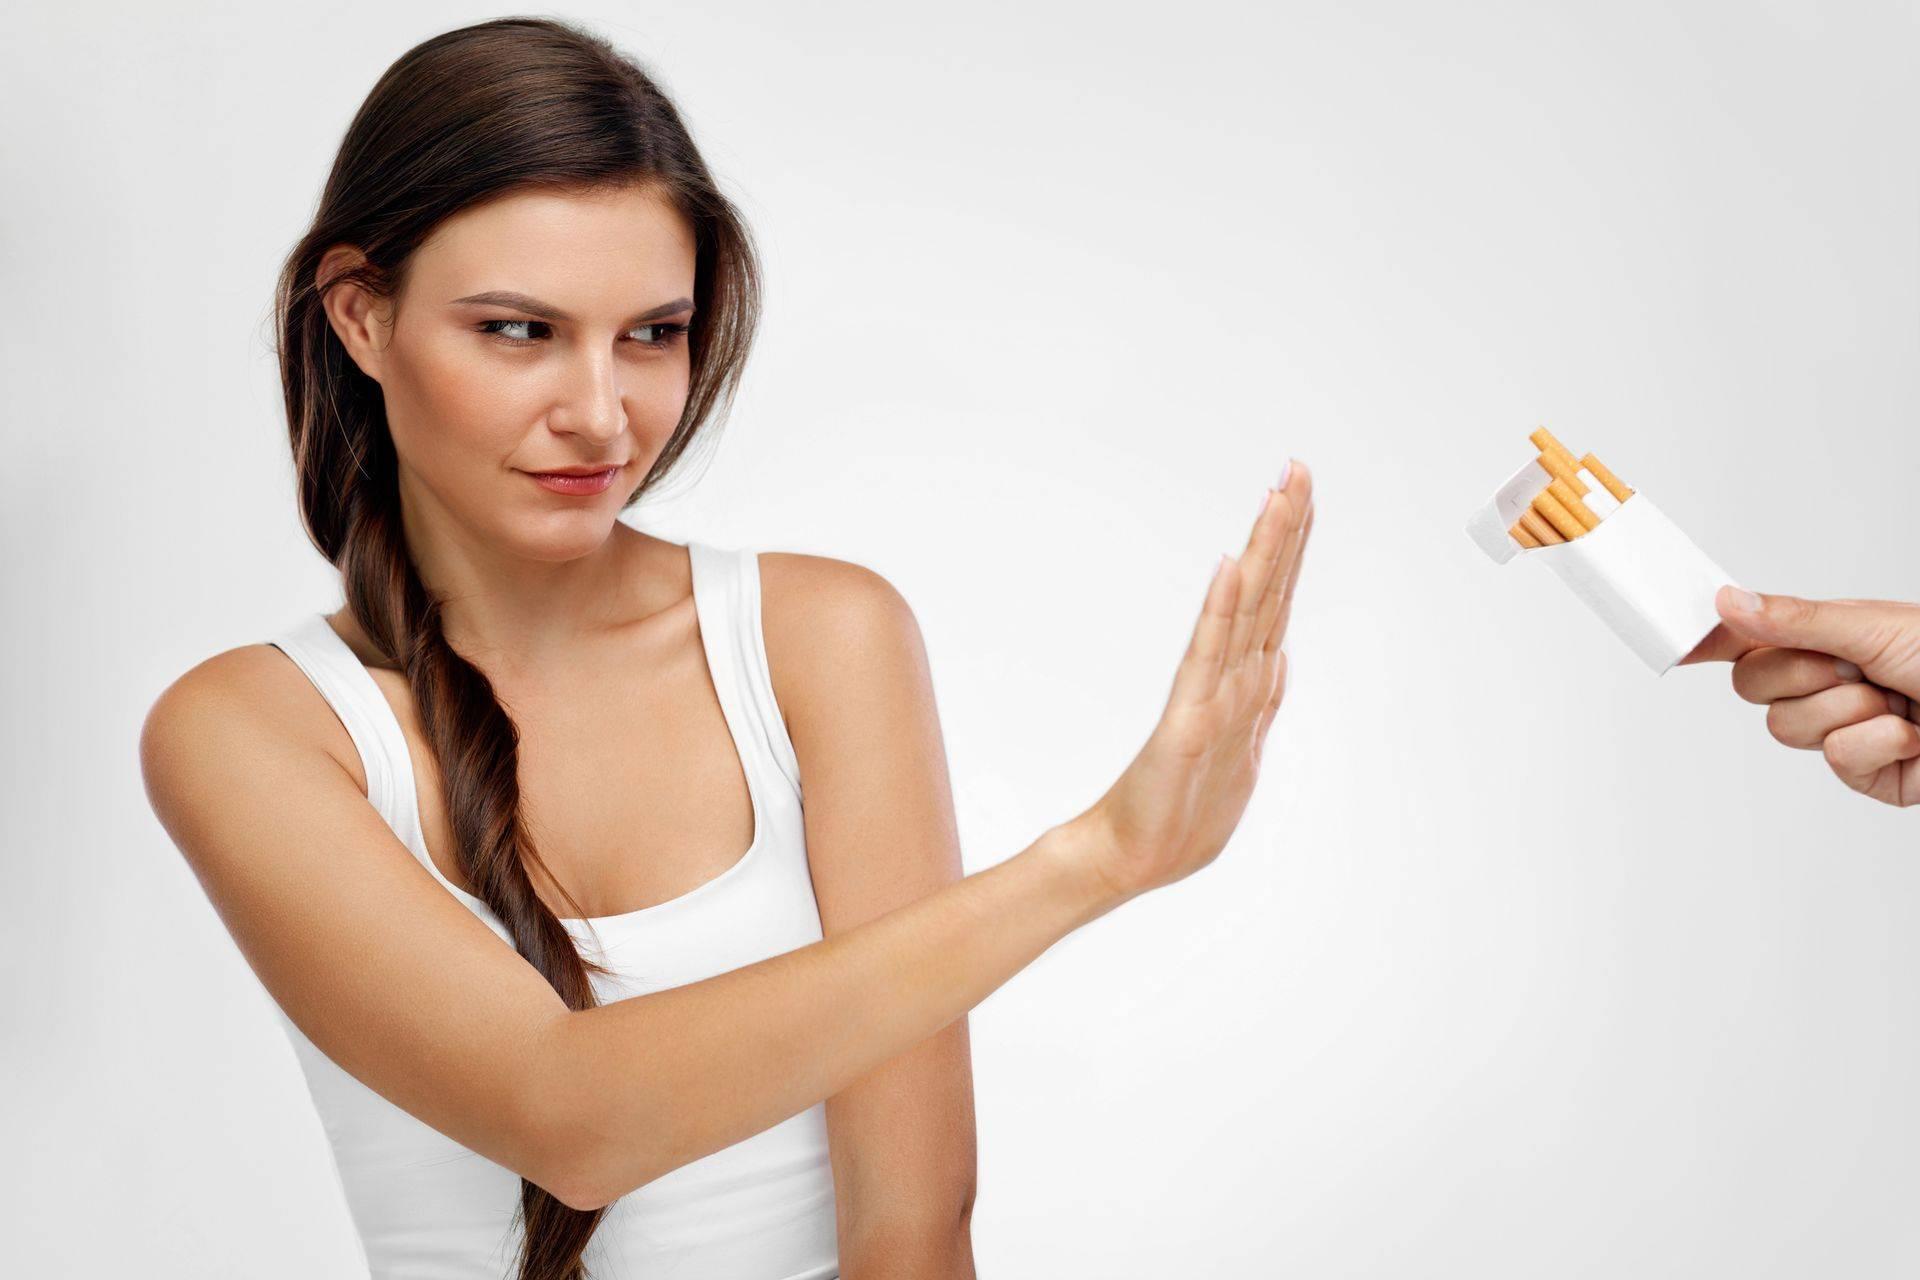 Легкие способы бросить курить навсегда: полезные советы от playboy